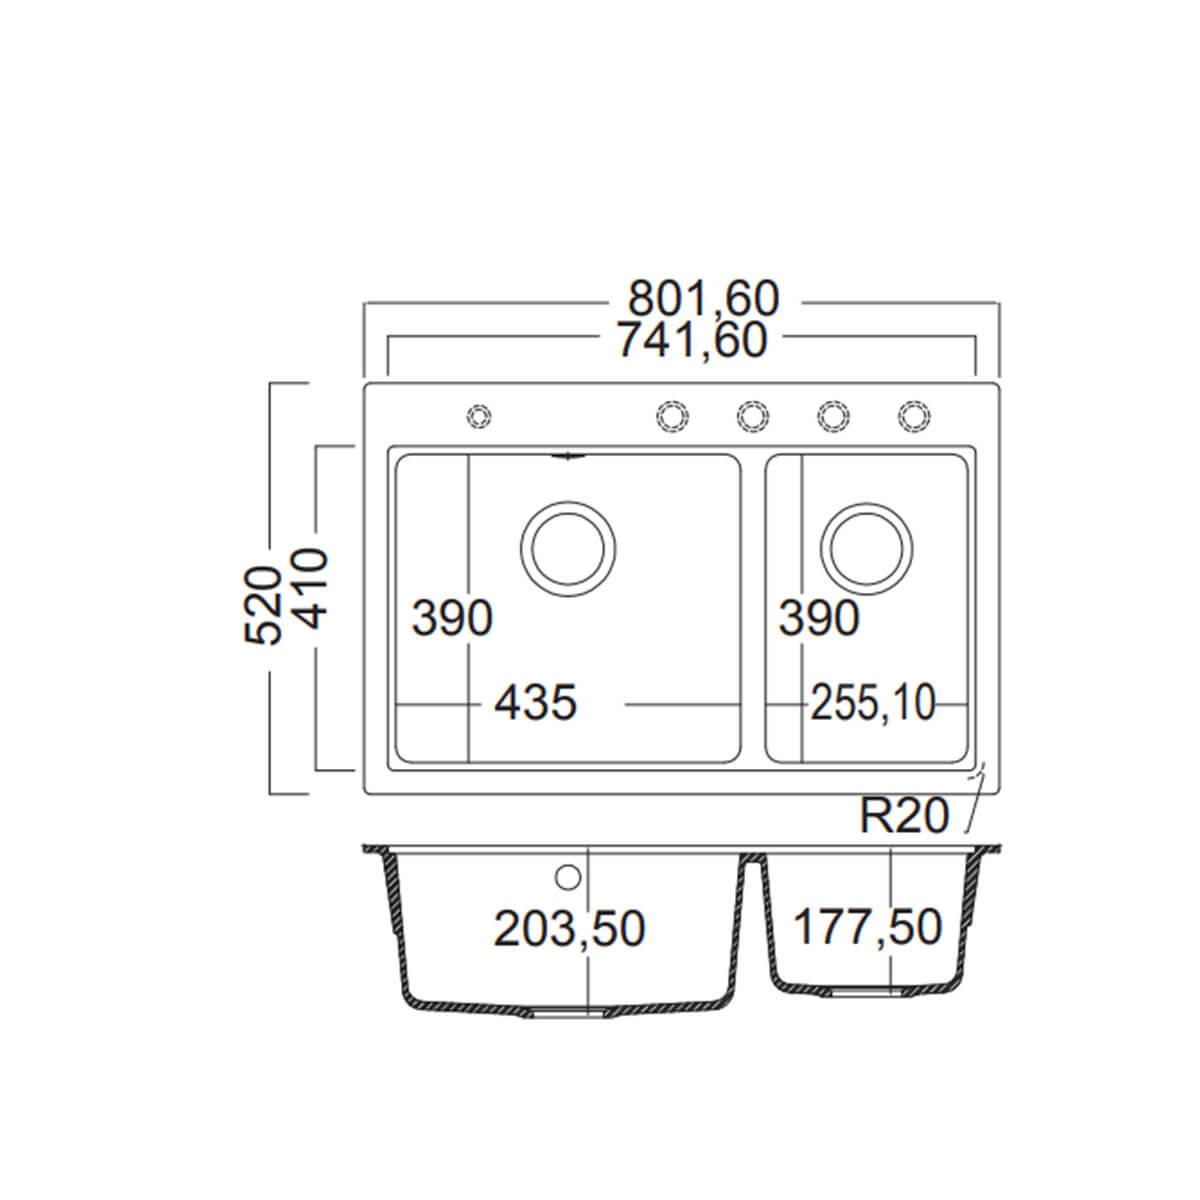 CARRON PHOENIX ΝΕΡΟΧΥΤΗΣ ΕΝΘΕΤΟΣ FIJI No 5200 CAPPUCCINO (80x52) 4